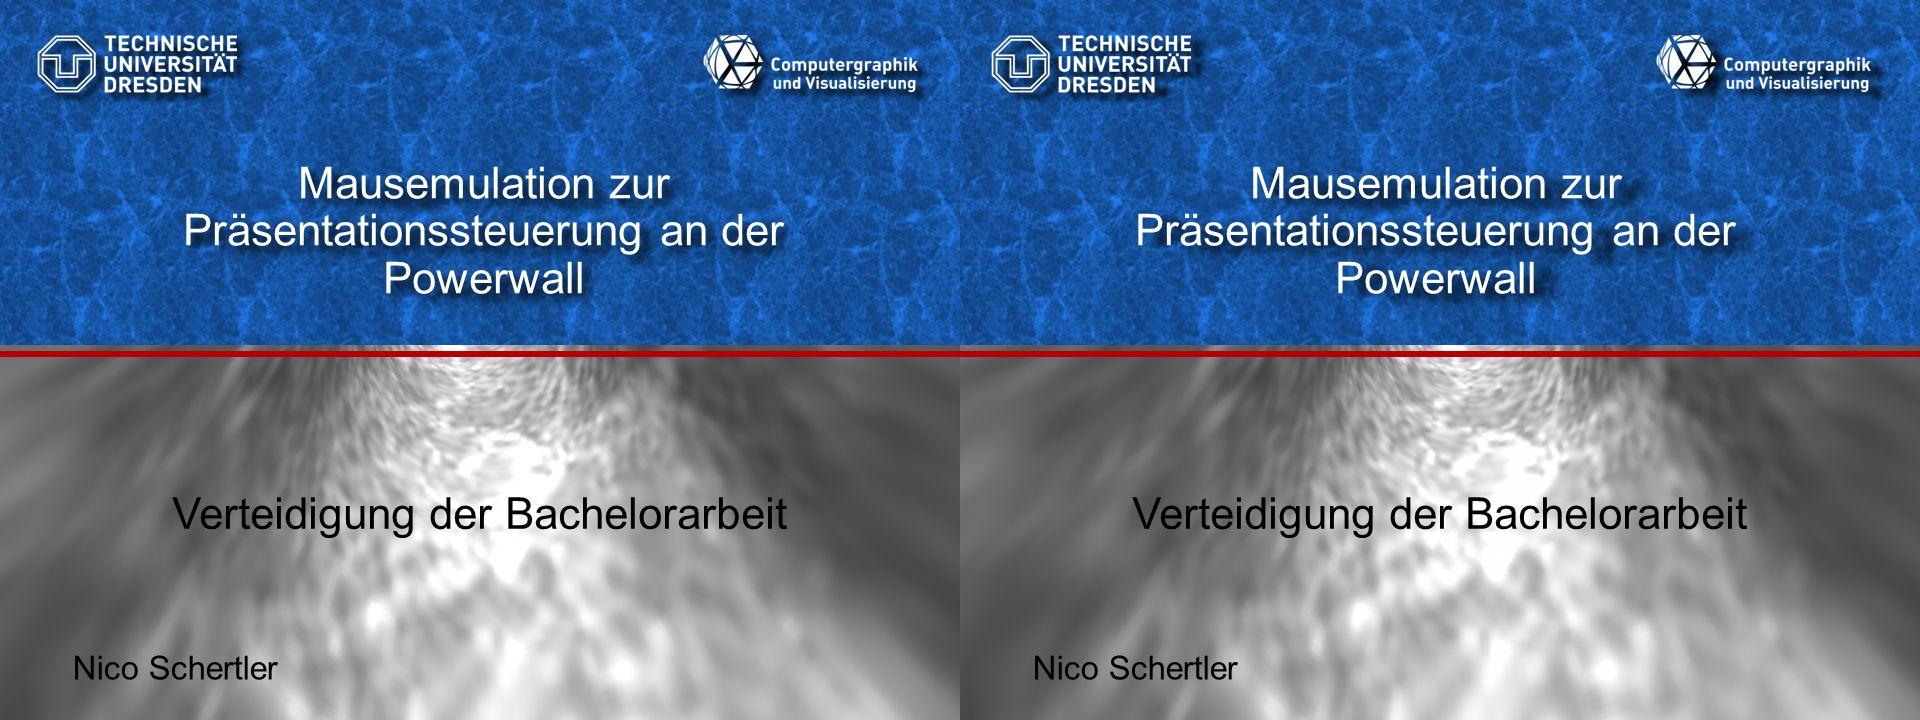 Mausemulation zur Präsentationssteuerung an der Powerwall Nico Schertler Verteidigung der Bachelorarbeit